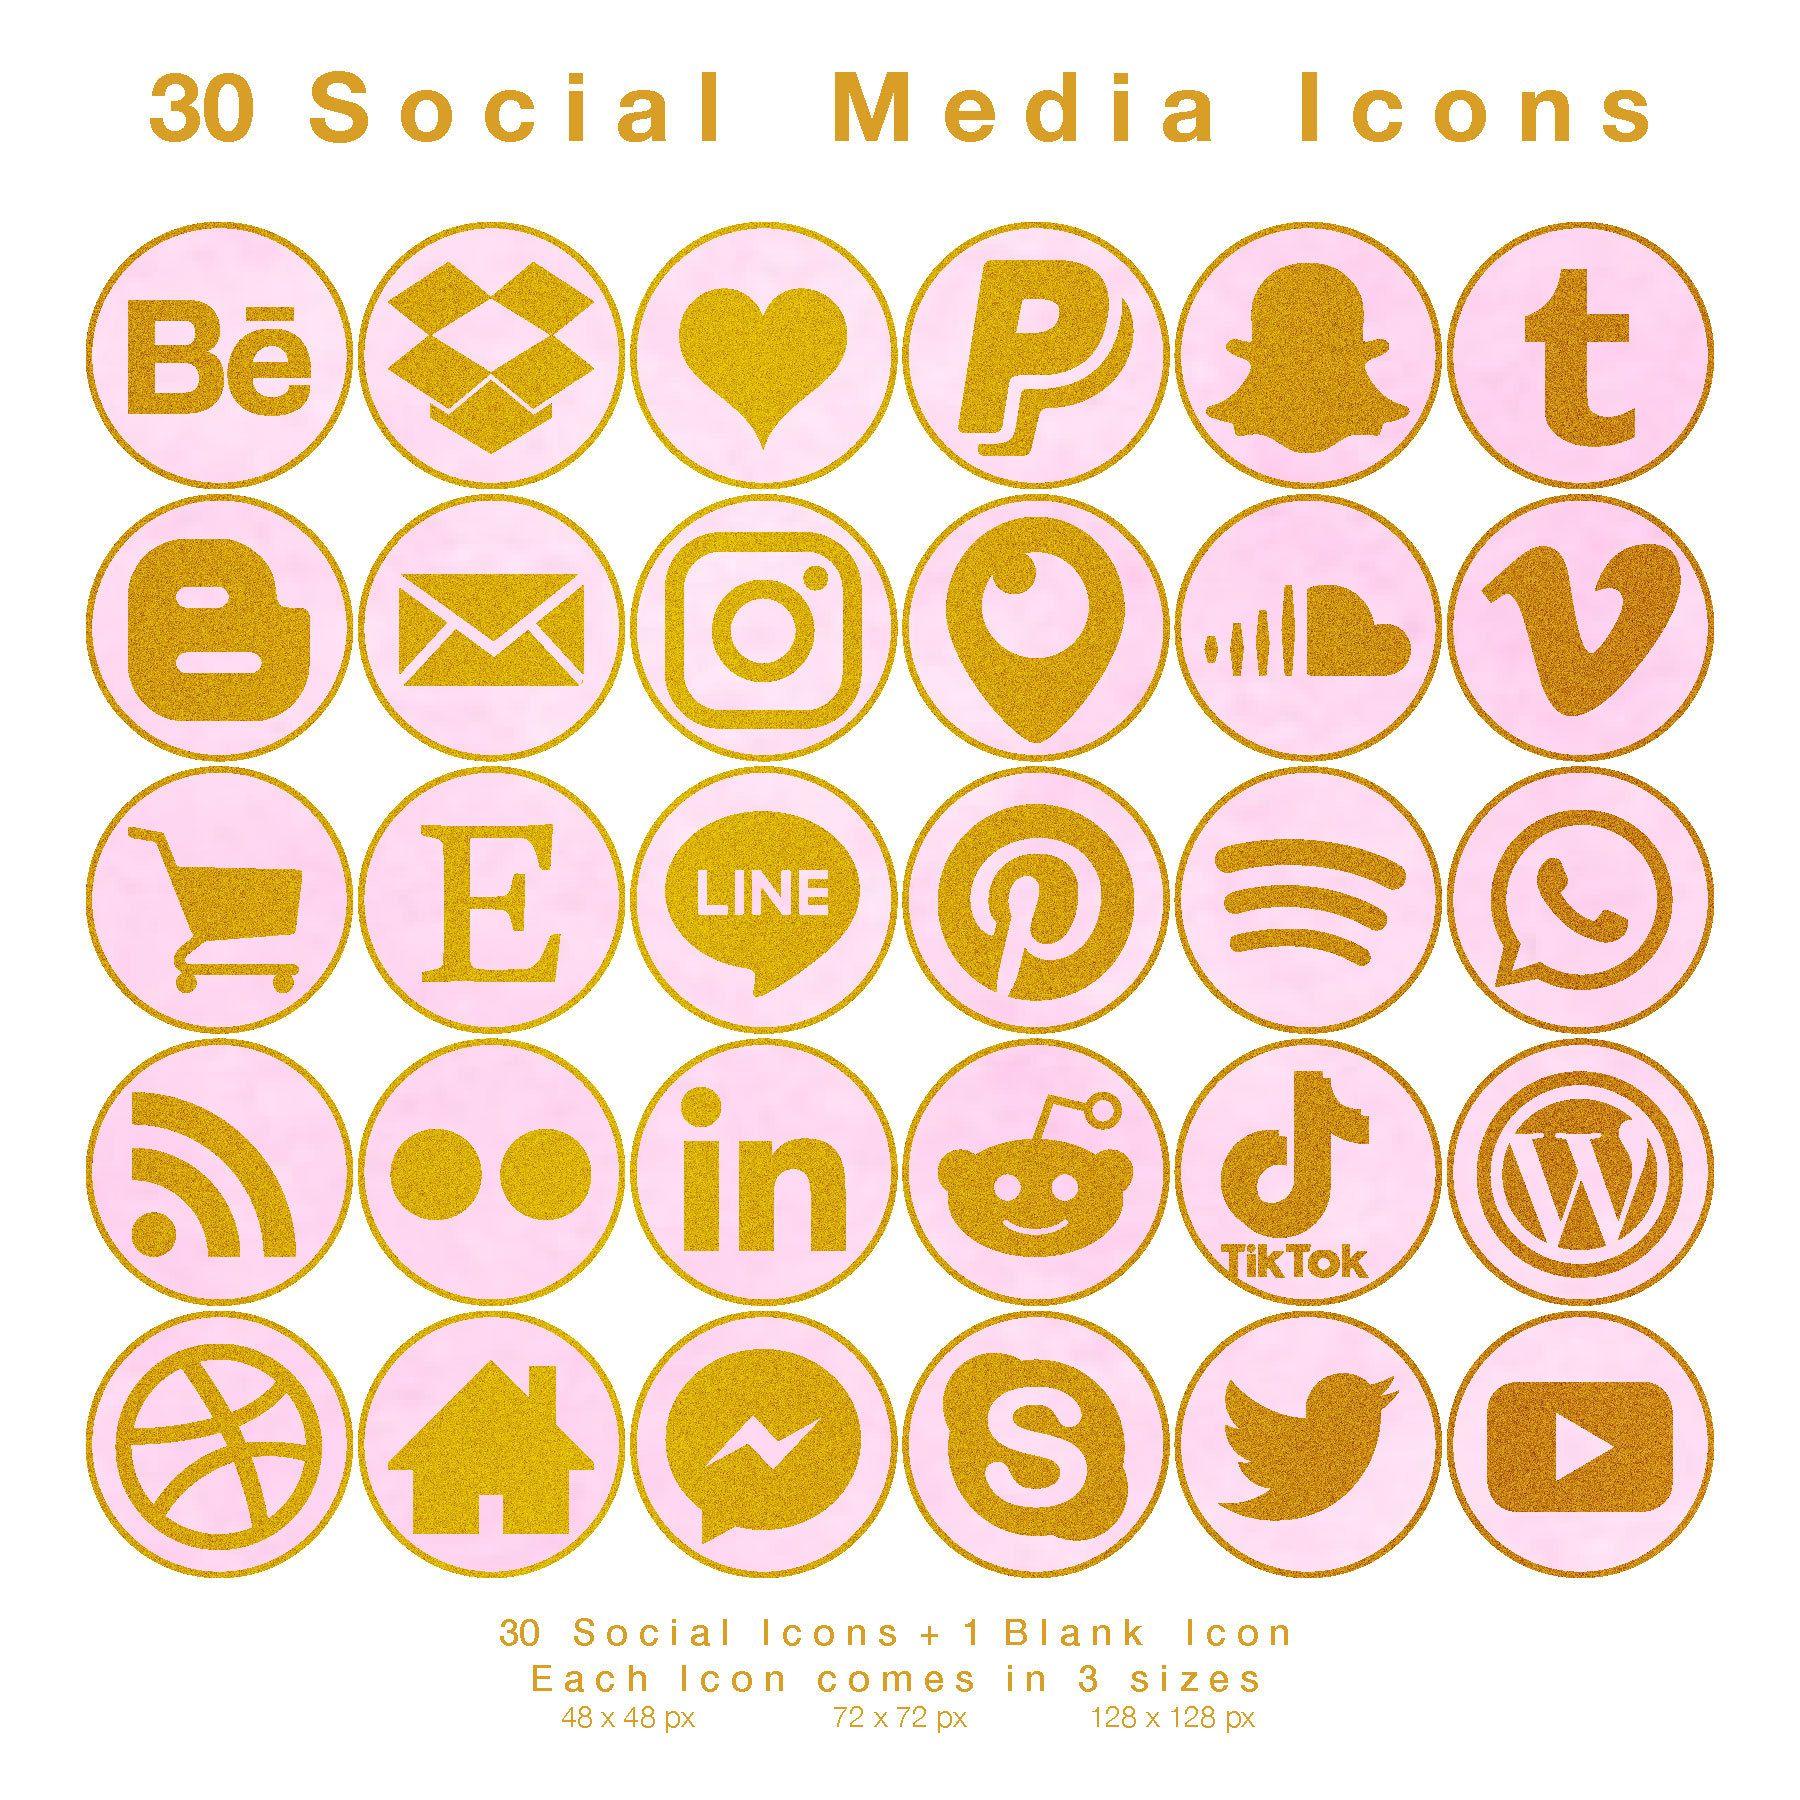 Pastel Pink Tiktok Icon Hot Tiktok 2020 Tik tok icon for instagram highlights. pastel pink tiktok icon hot tiktok 2020